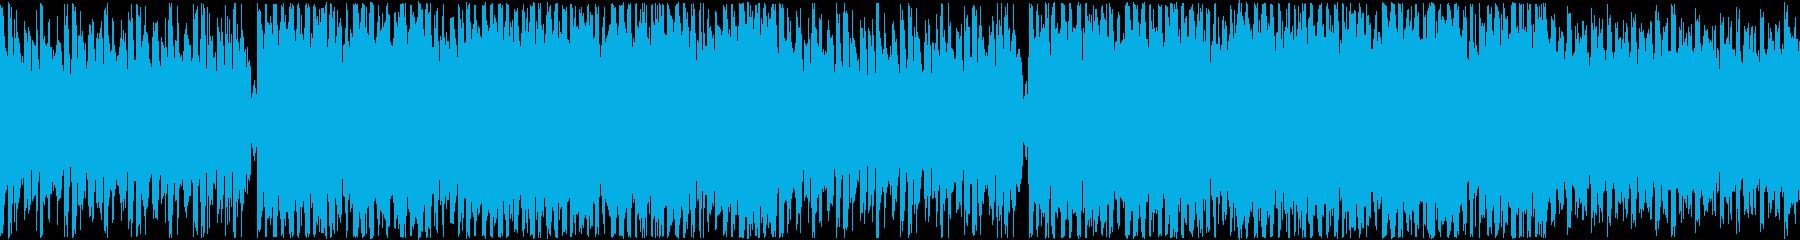 楽しい雰囲気のラジオフリートークBGMの再生済みの波形